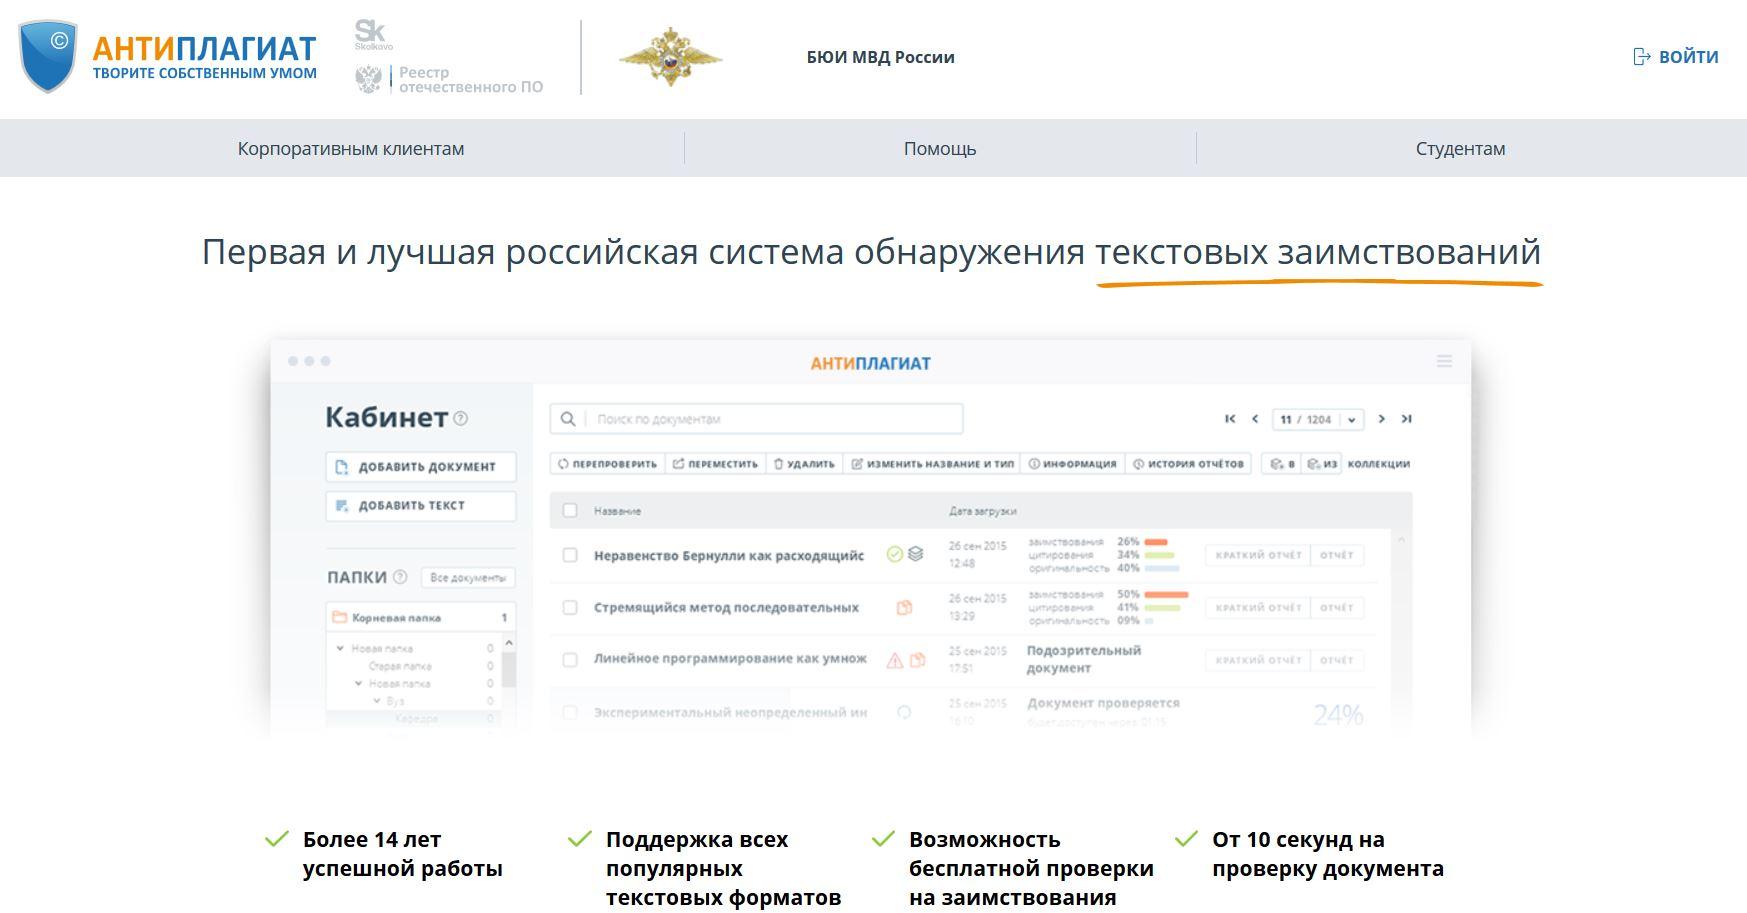 Антиплагиат БЮИ МВД